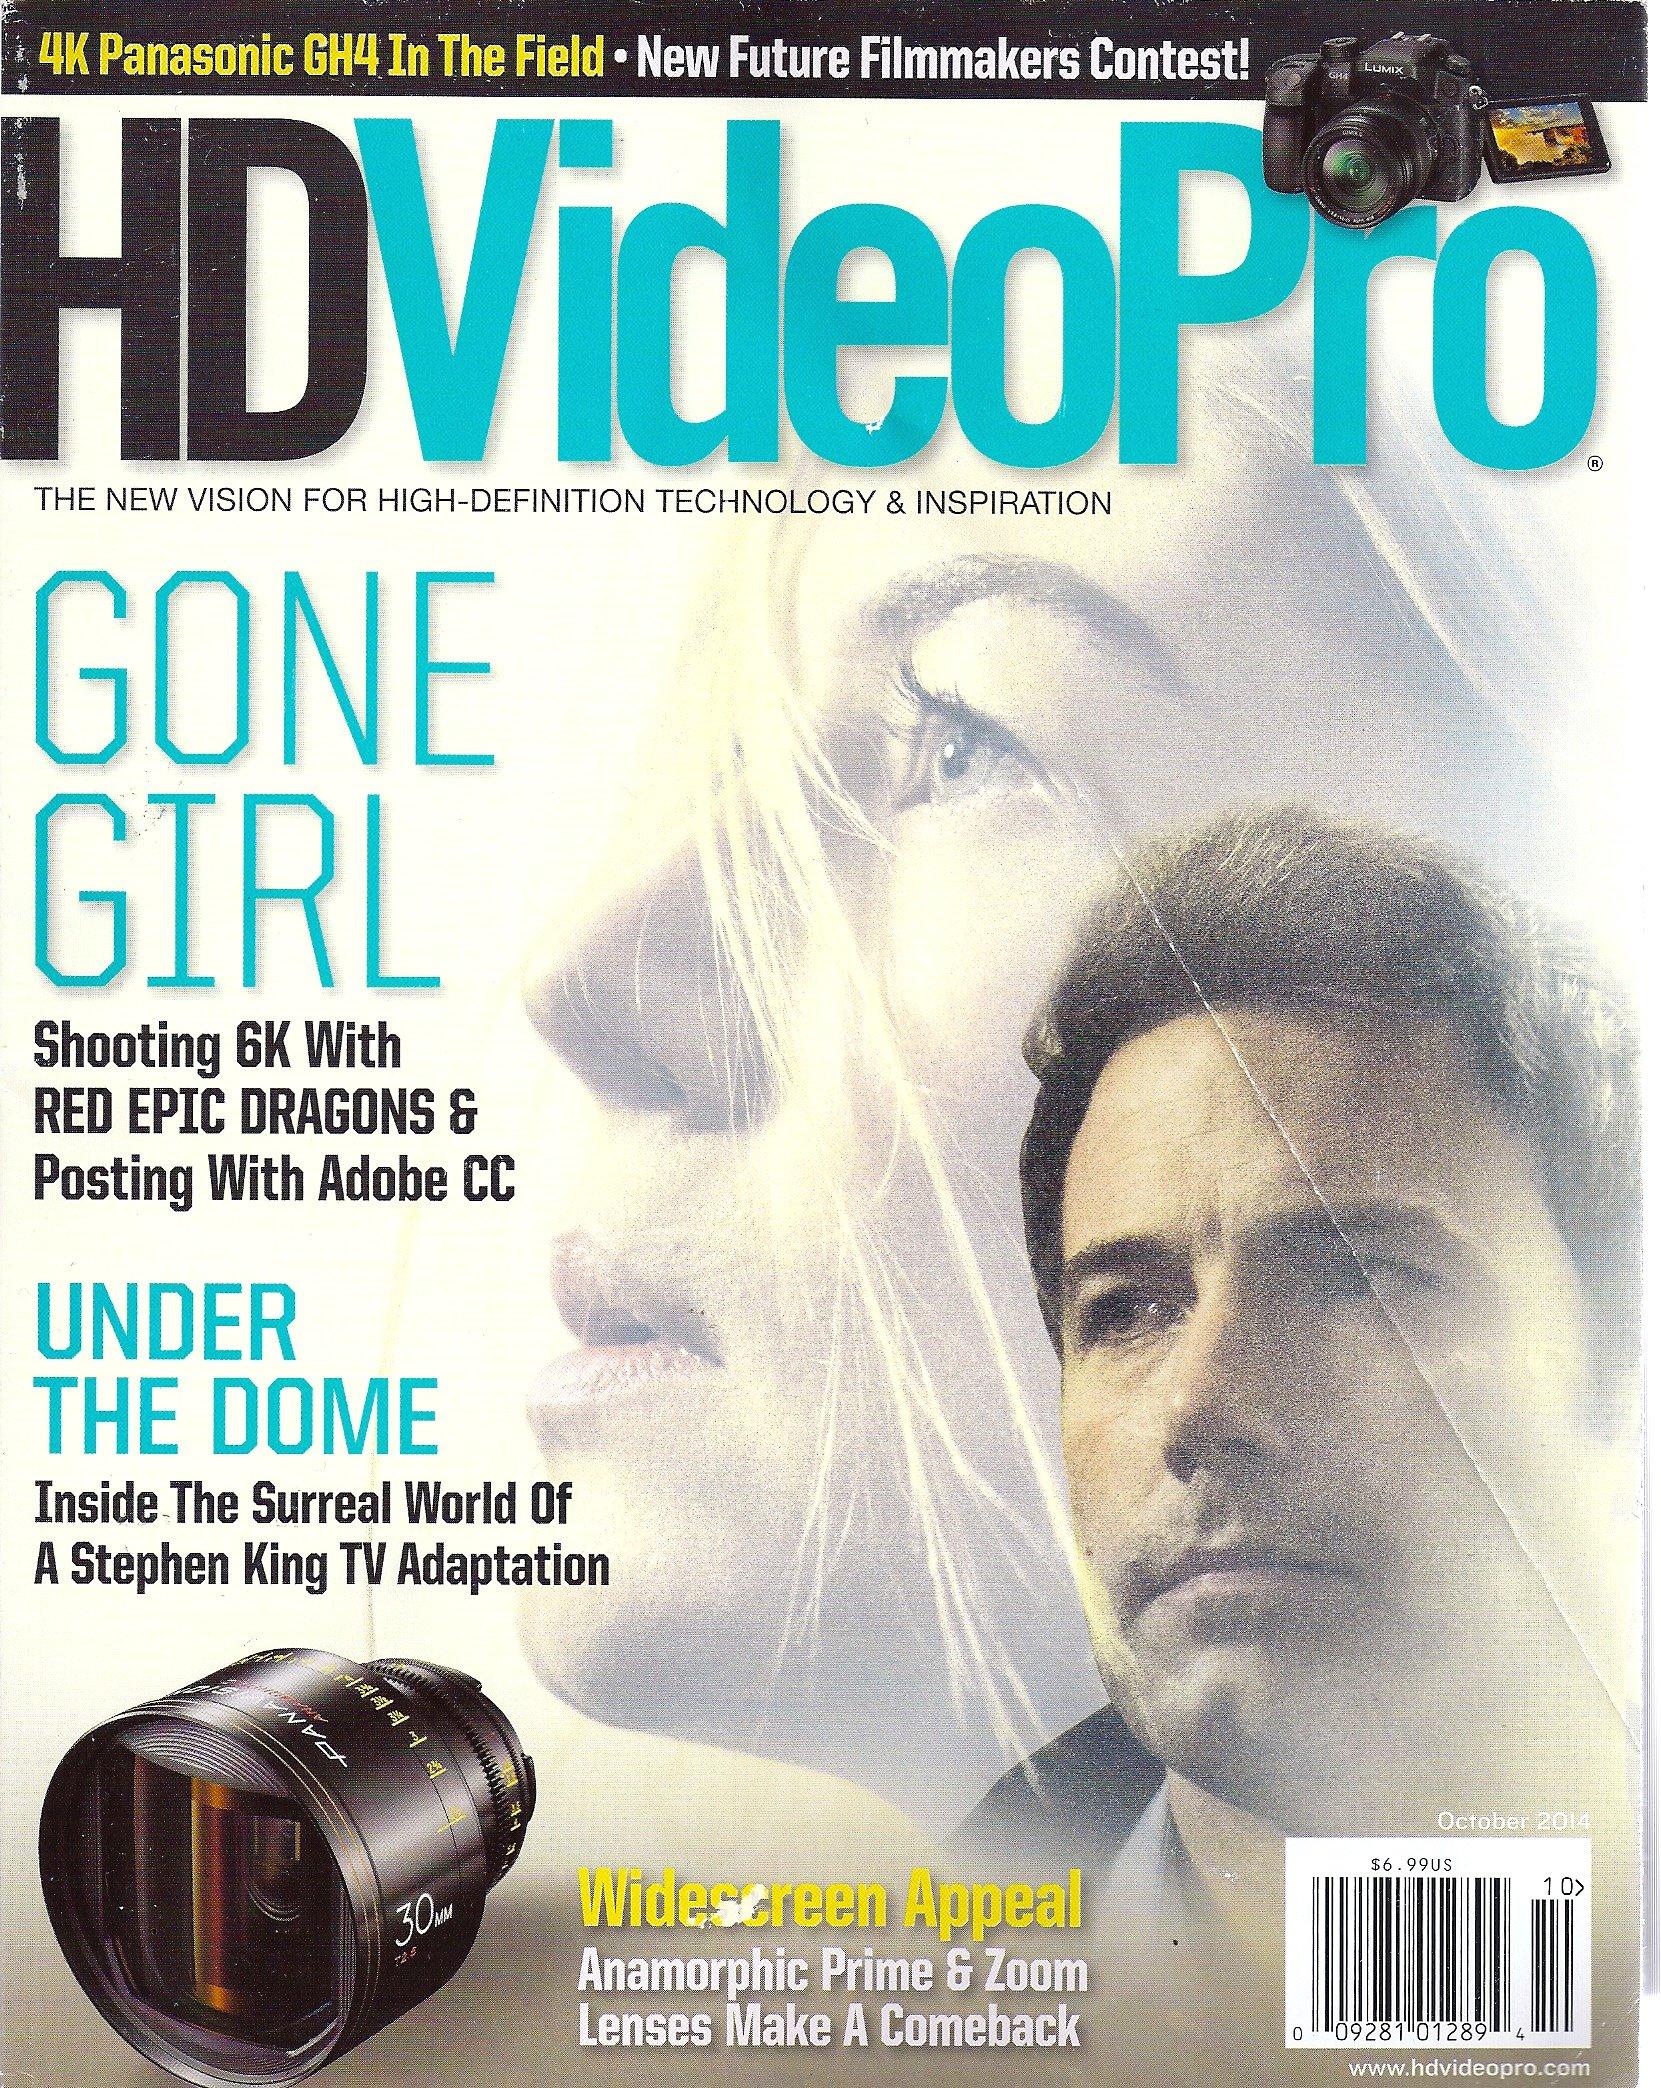 Download Rosamund Pike & Ben Affleck (Gone Girl) * Stephen King (Under the Dome) * November, 2014 HD Video Pro Magazine pdf